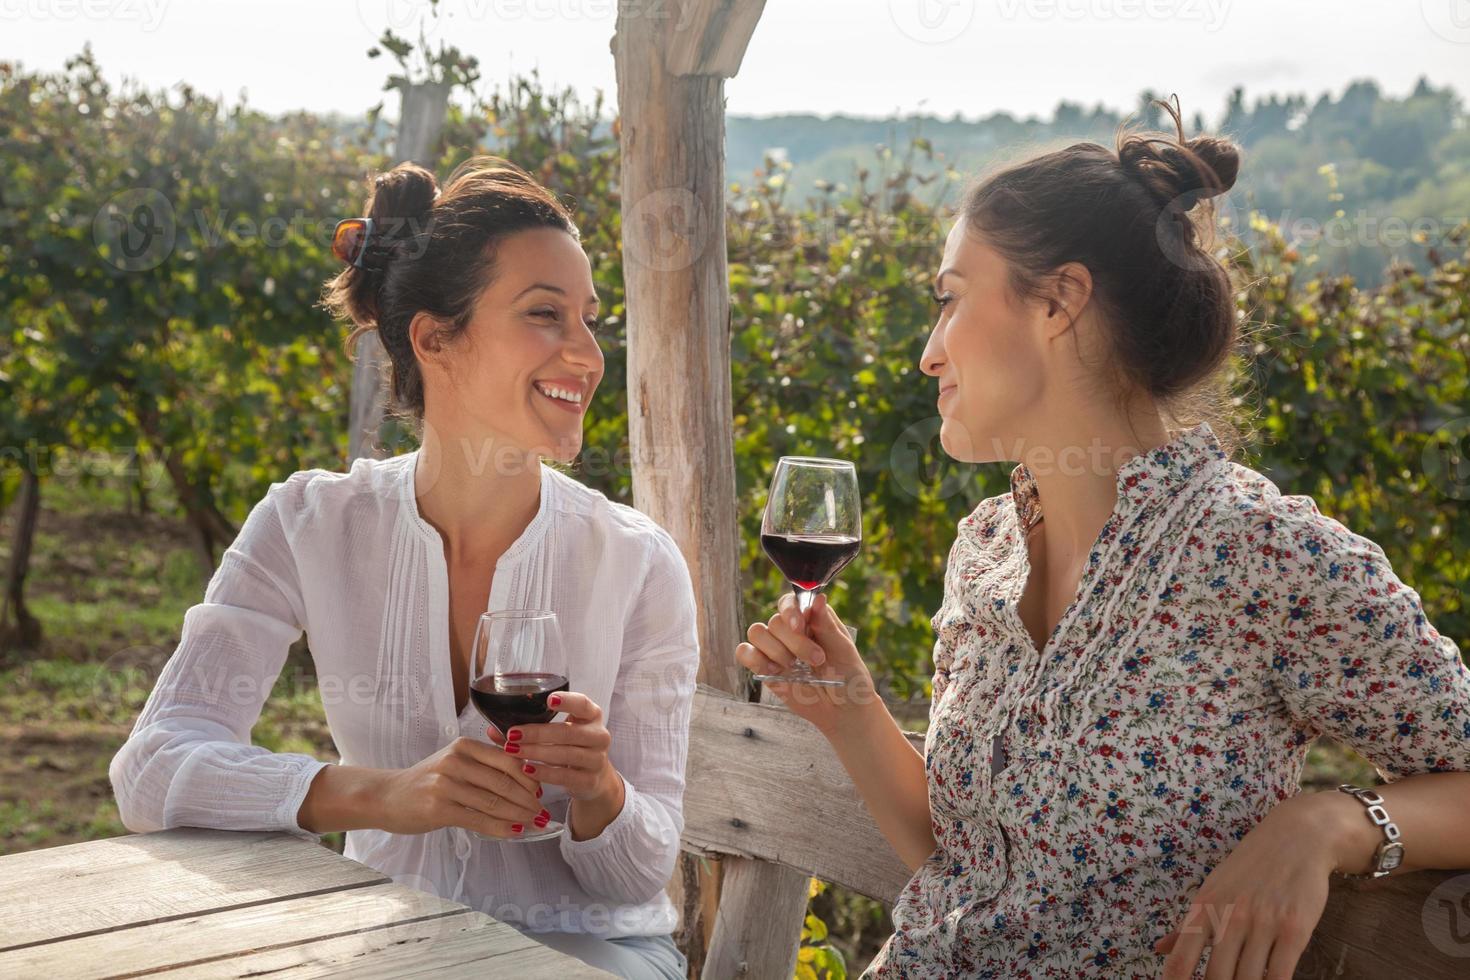 duas jovens bebendo vinho foto